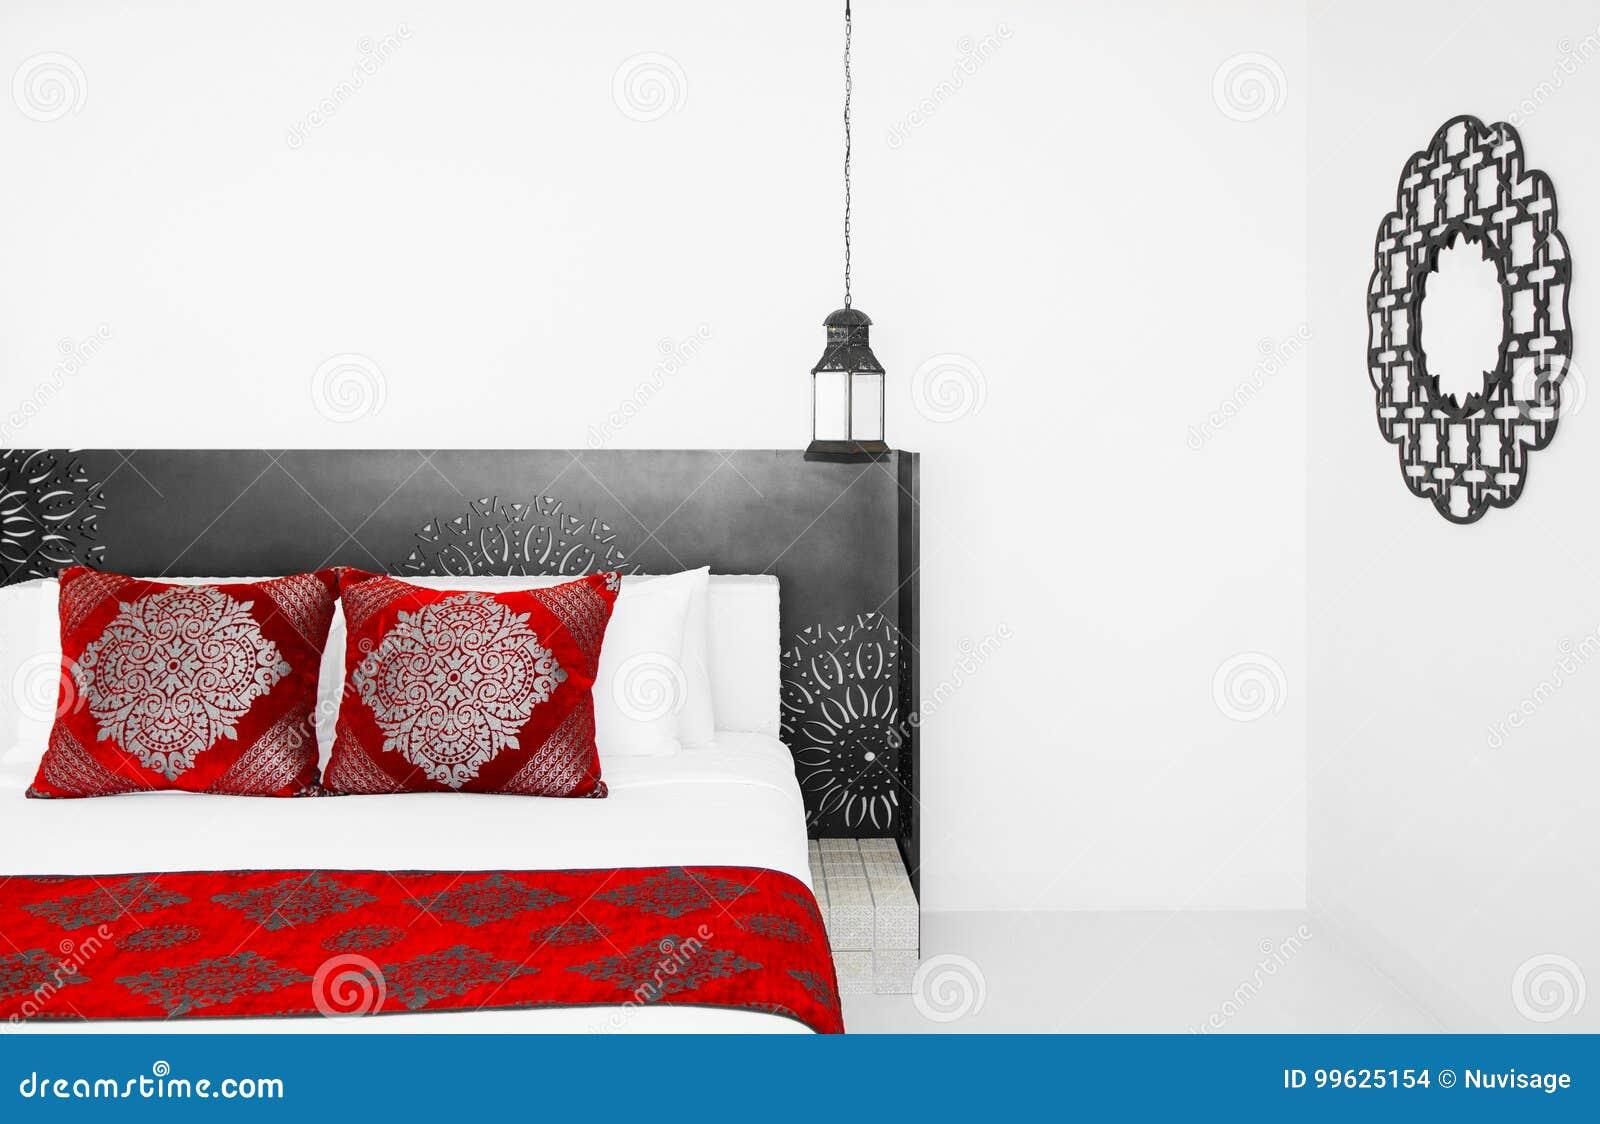 8 Juin 2012 Hua Hin, Thaïlande : Chambre à Coucher Marocaine De Style,  Détails Marocains De Décoration Avec Le Tissu Coloré Et Lampes